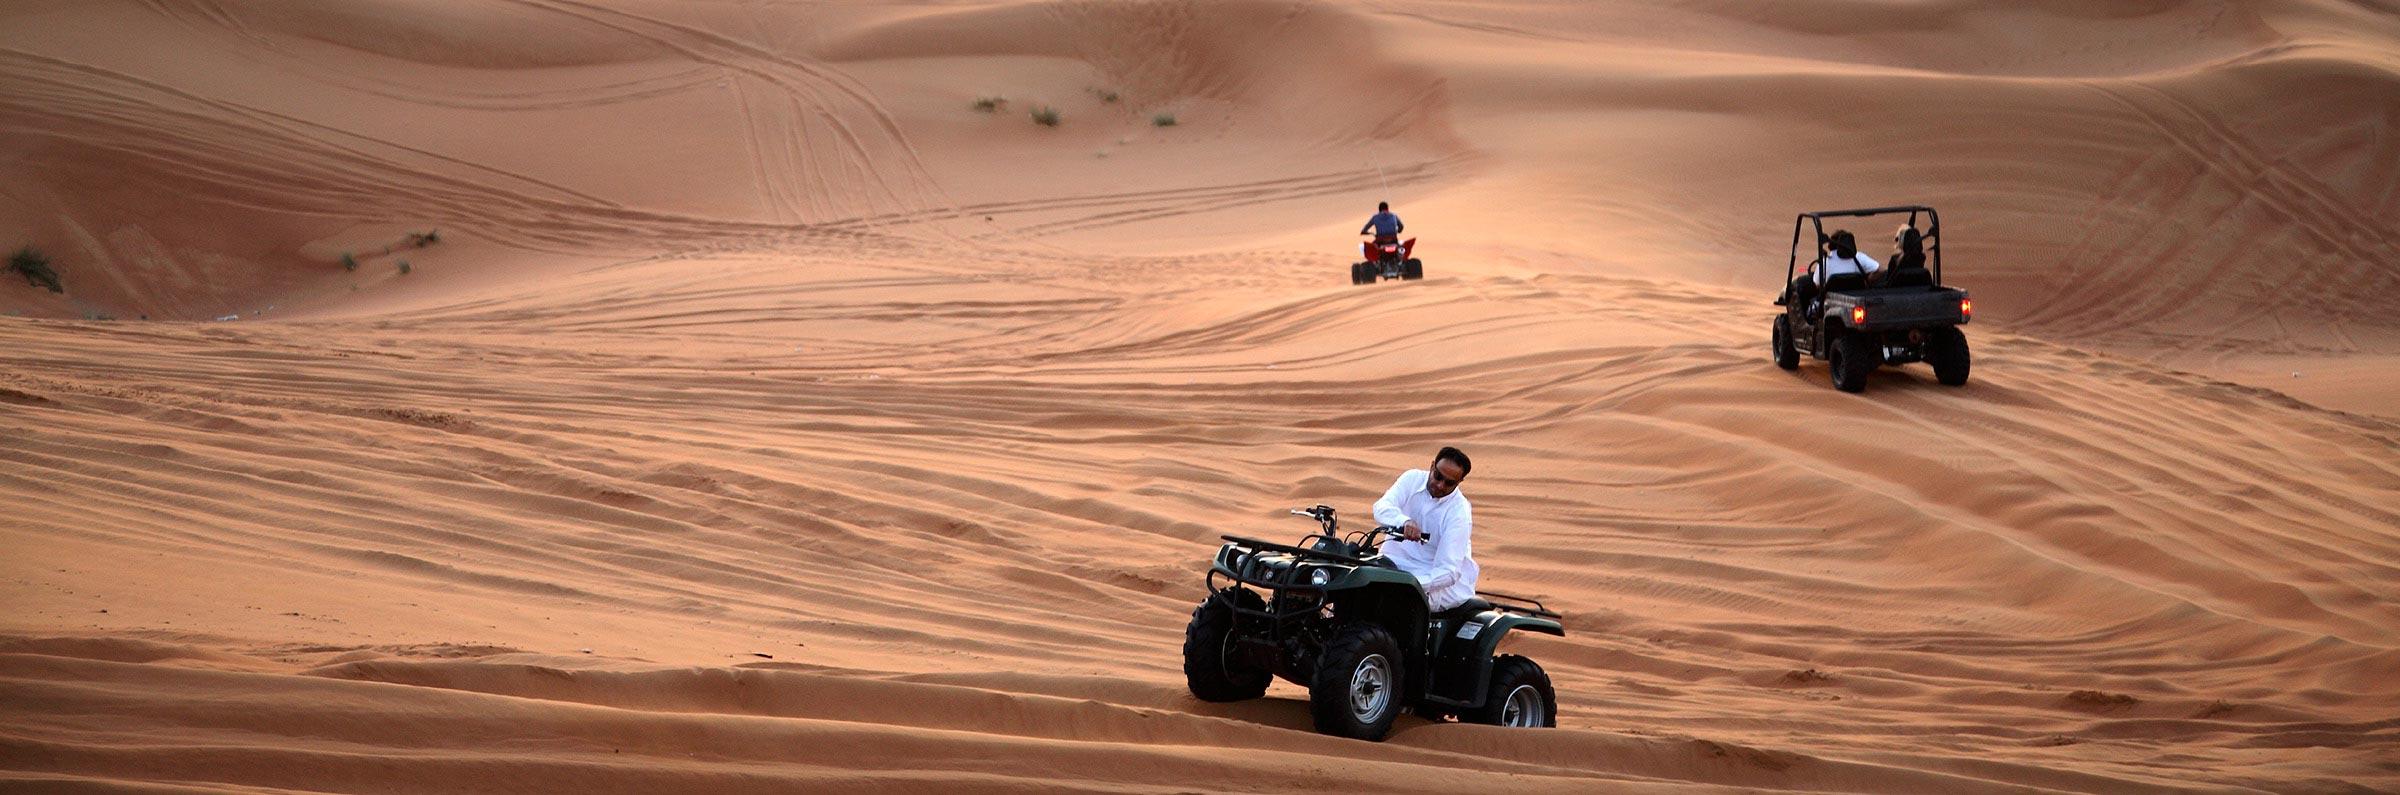 Solo a Dubai in Dubai